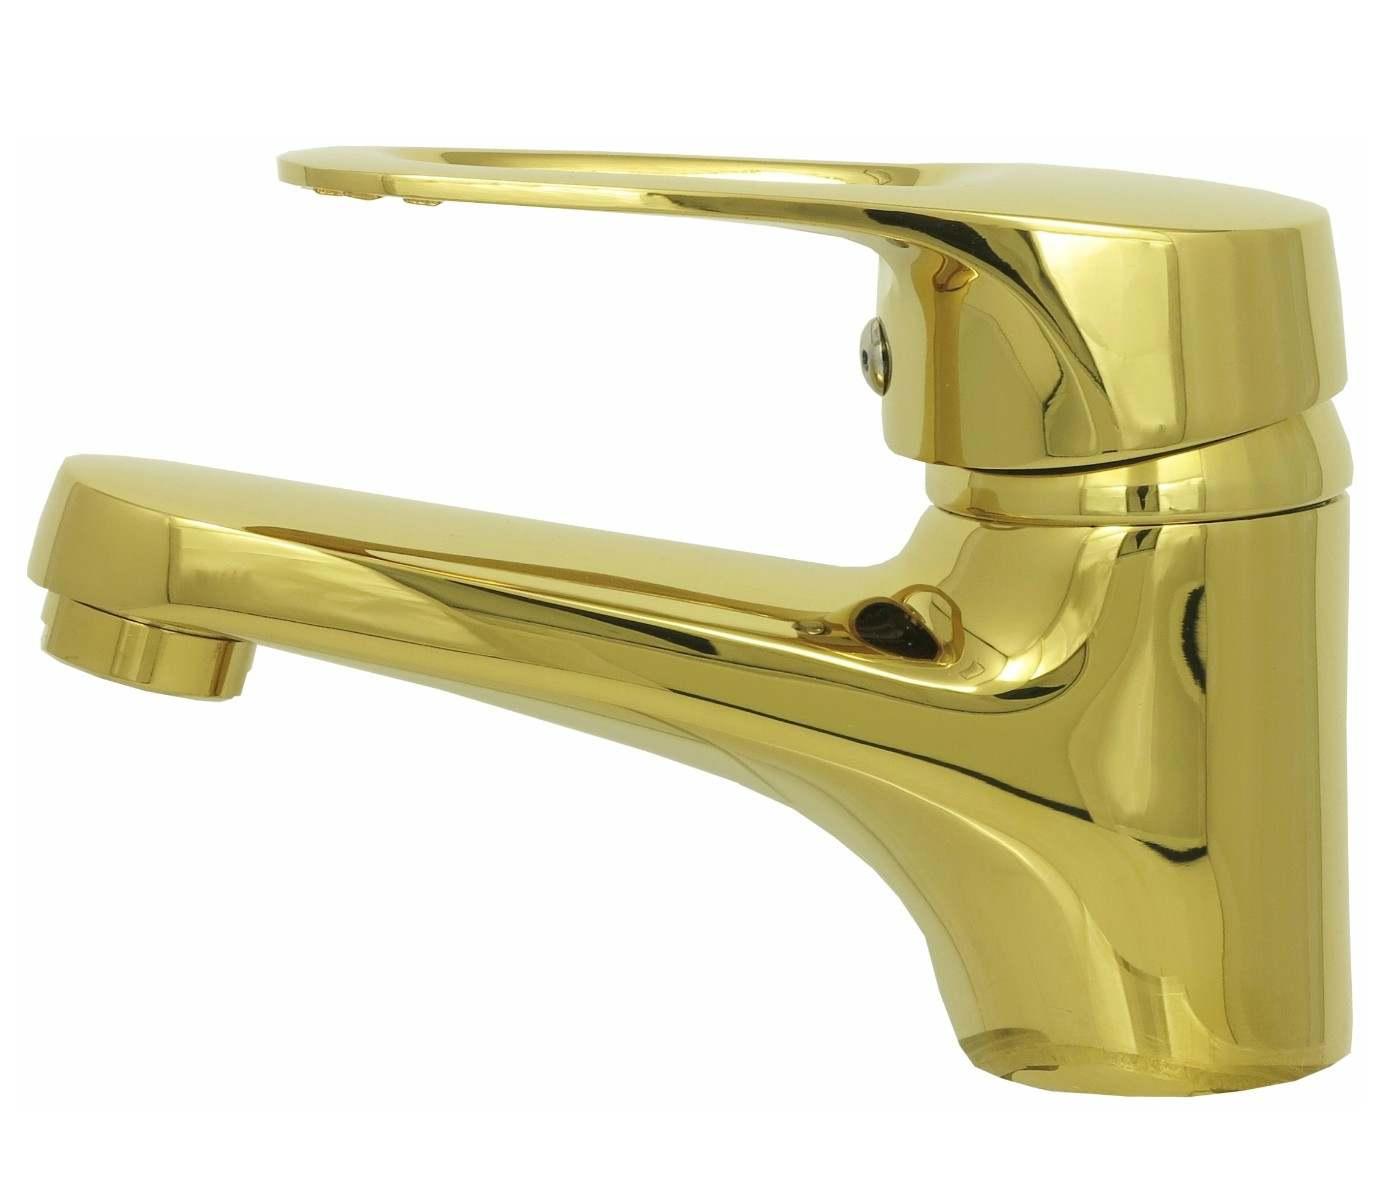 Waschtisch Waschbecken Wasserhahn Einhebelmischer Bad Kche Armatur Retro Gold  eBay